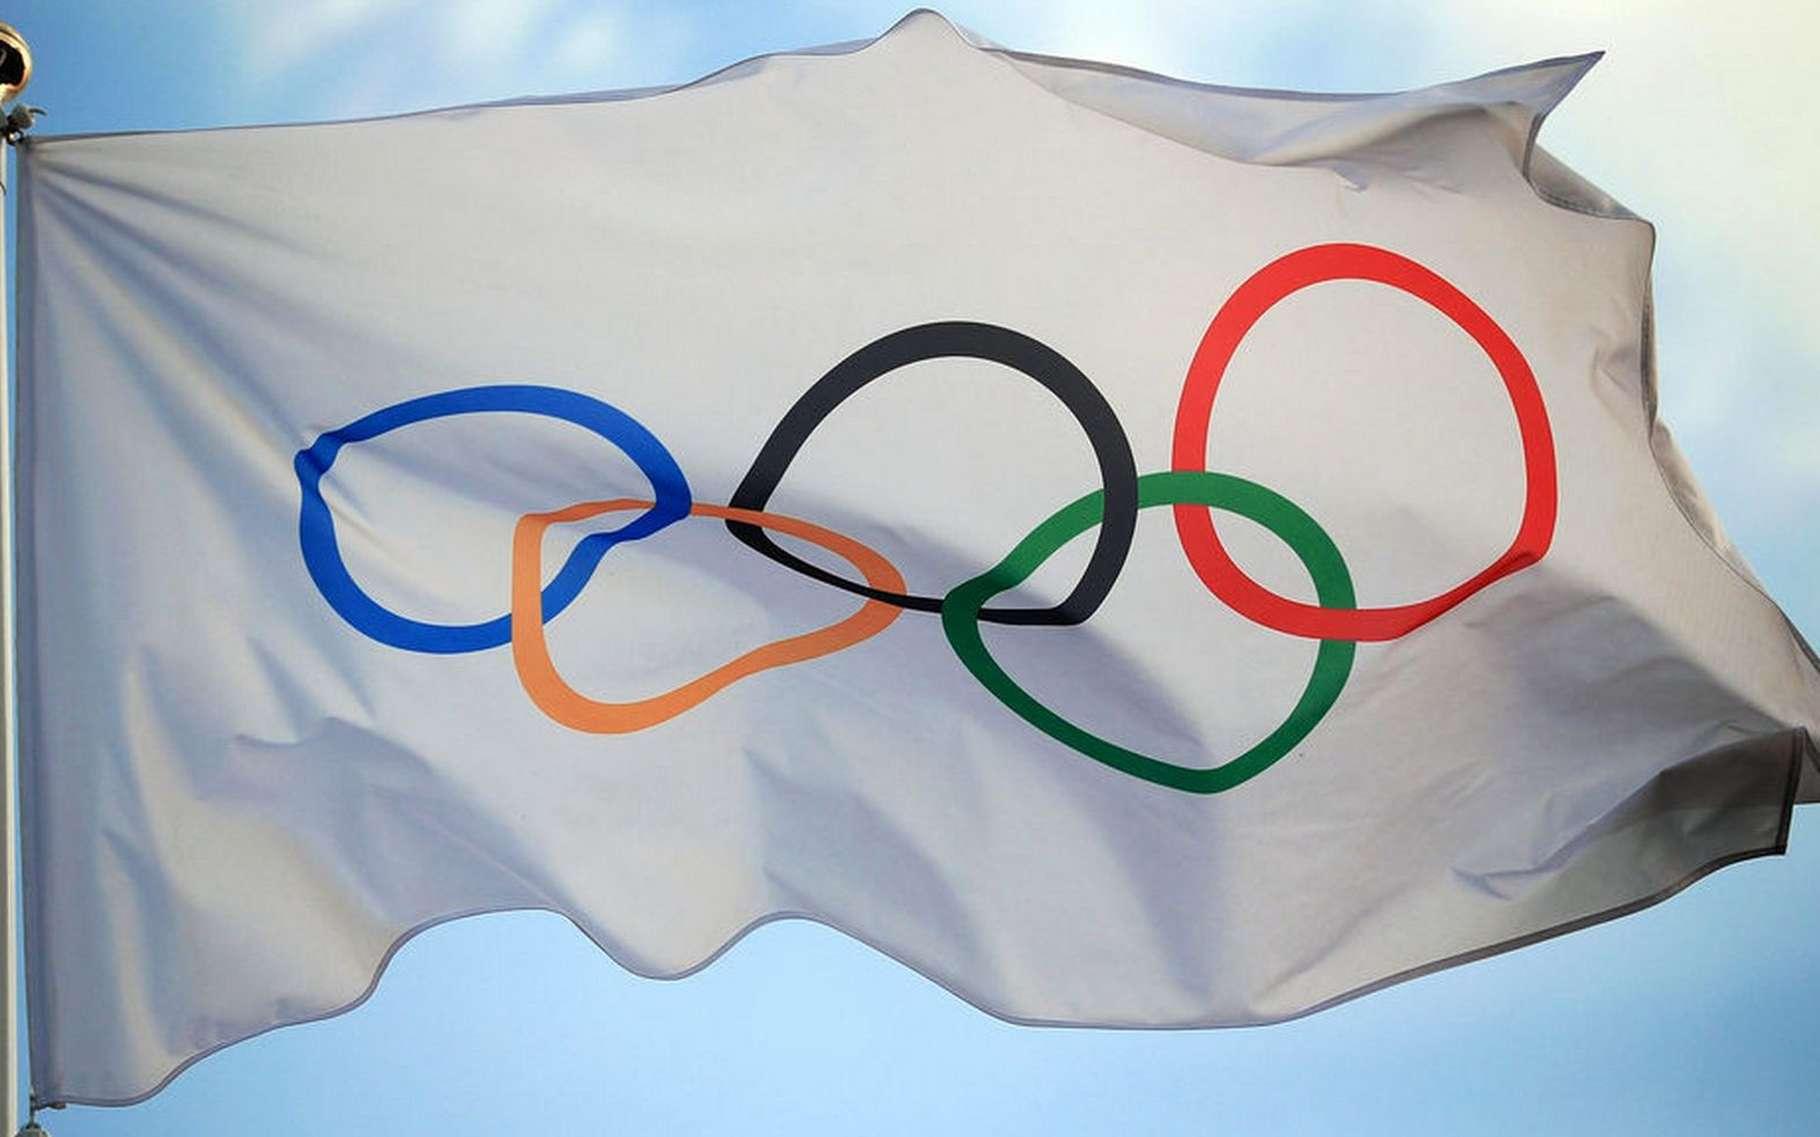 Pour la première fois, une partie des épreuves des Jeux olympiques sera accessible depuis un casque de réalité virtuelle. Cependant, l'offre est réservée aux abonnés payants de la chaine NBC (États-Unis) qui doivent posséder le matériel adéquat de la marque Samsung. © Christopher Furlong, Comité international olympique